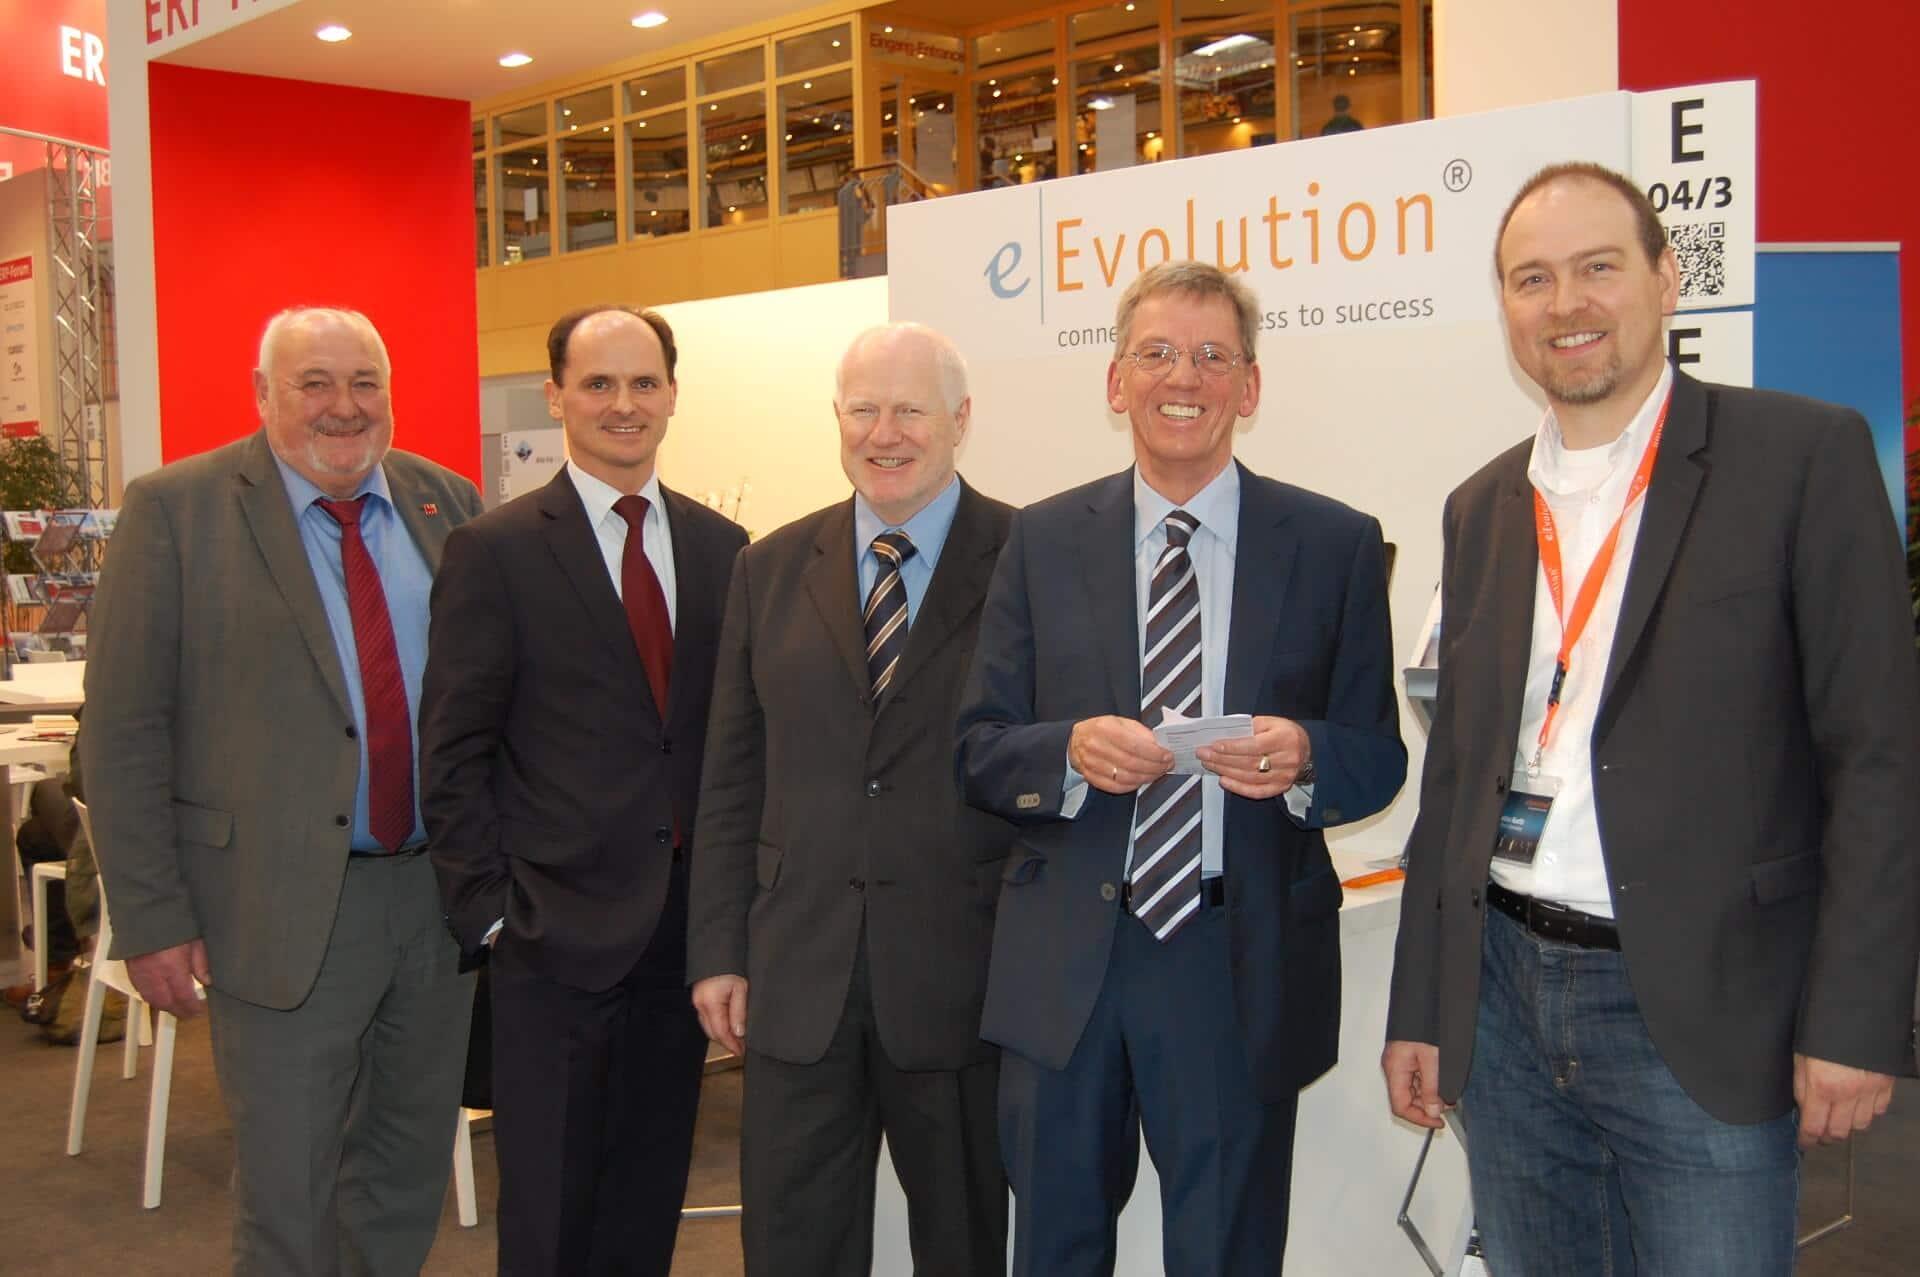 Hildesheimer Delegation besucht die COMPRA und eEVolution auf der Cebit 2016 in Hannover.